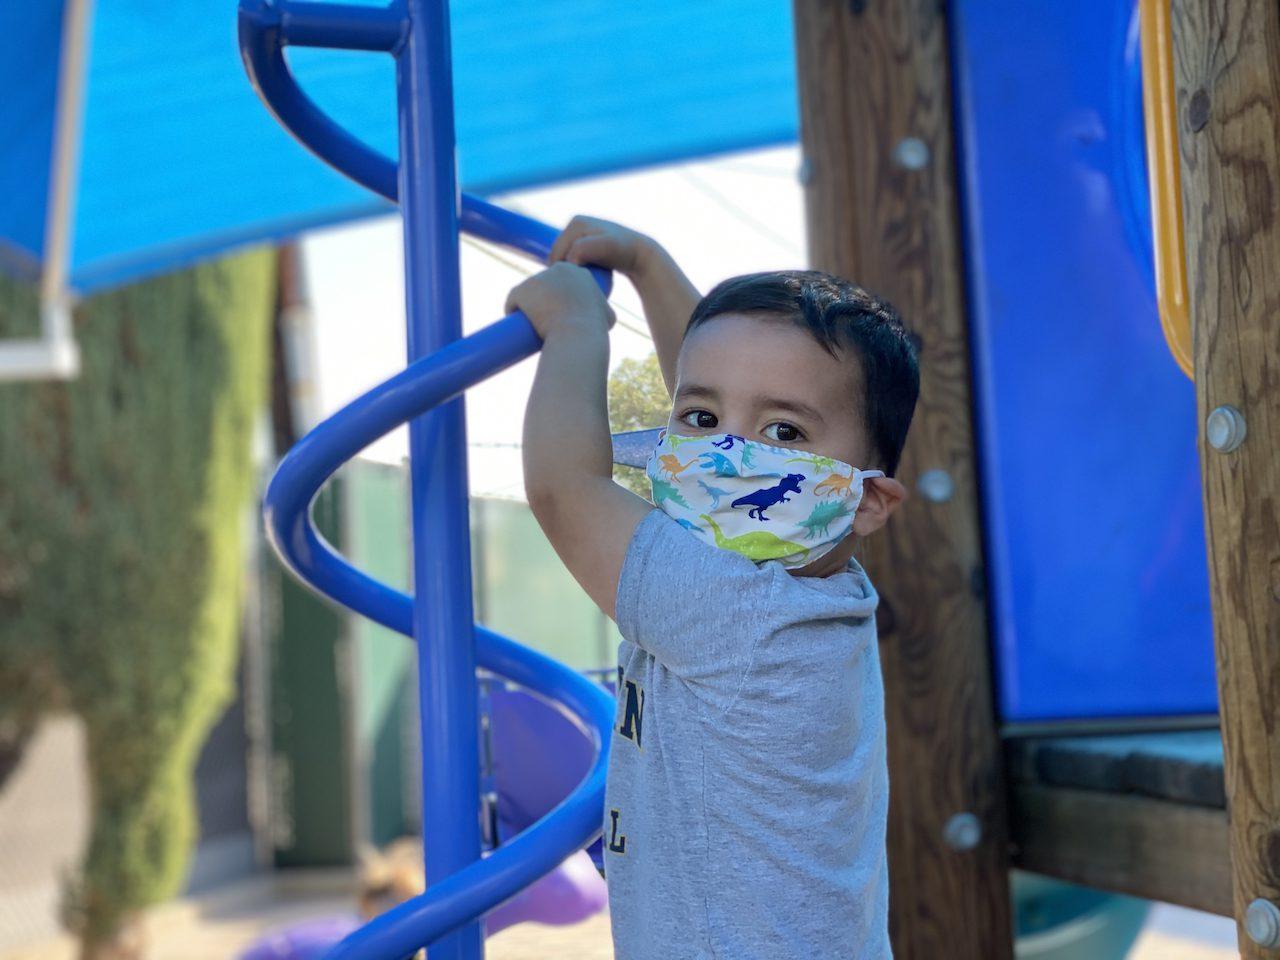 Climbing Boy Woodland Hills Preschool Daycare